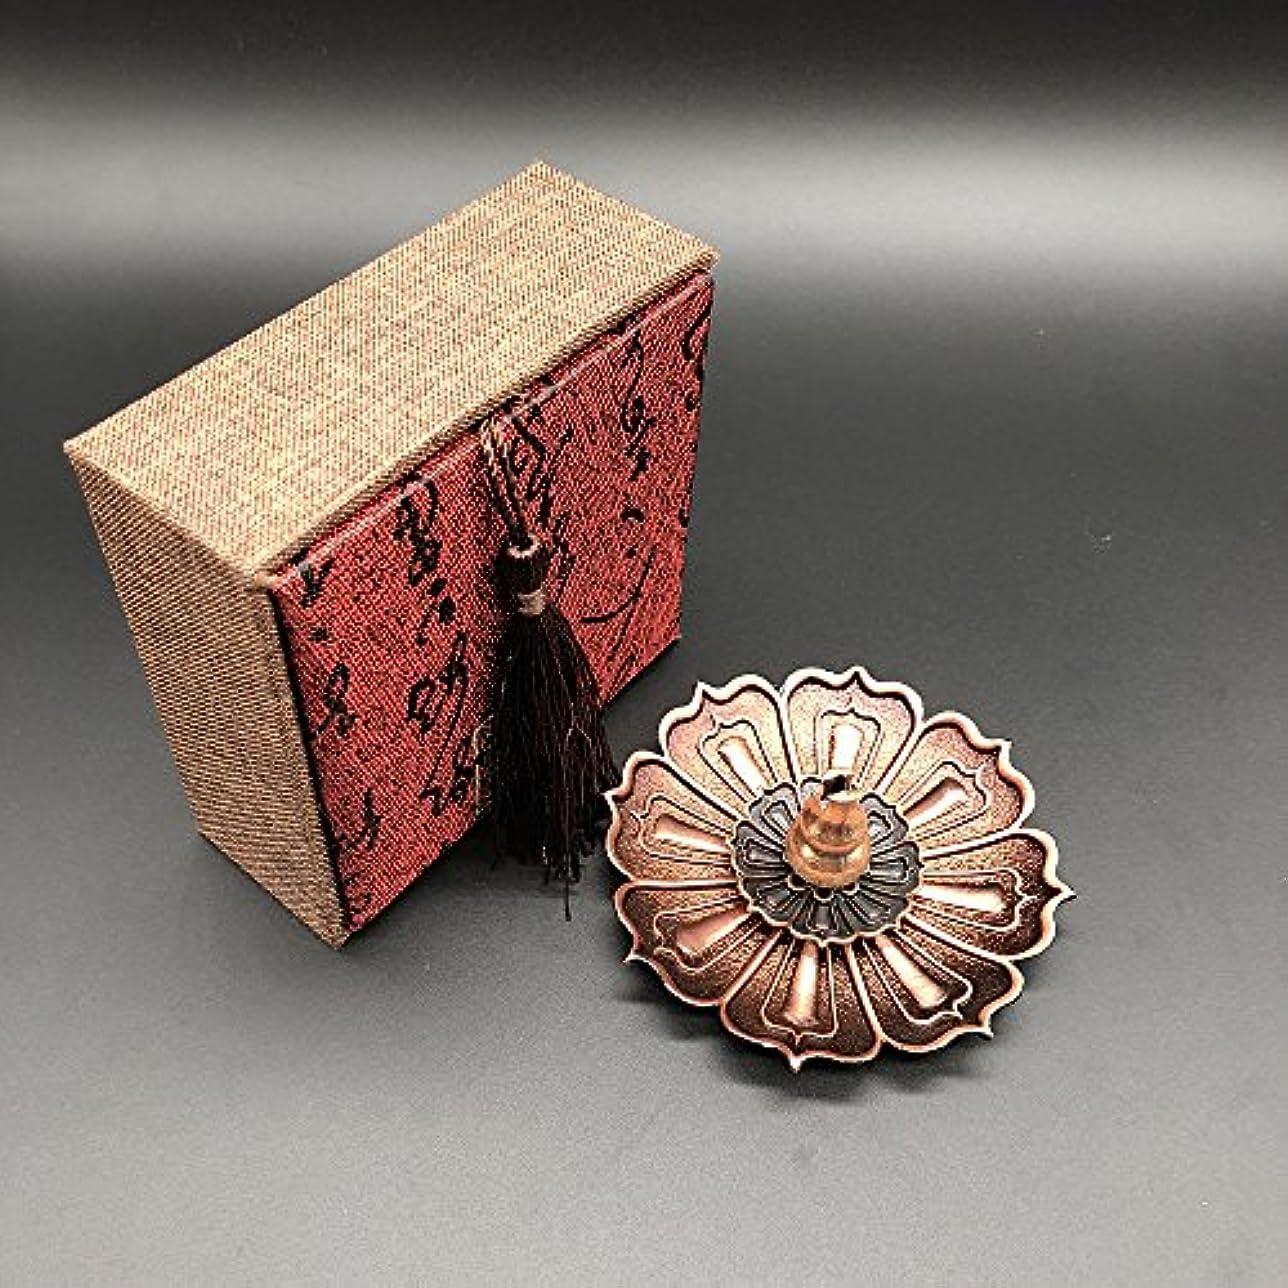 磁石正当な拍手する仏具 香炉 香立 (蓮の花びら 蓮の花) 線香 お香 お香立て シック シンプル 金属製 アクセサリー風 ギフト 贈り物 プレゼント